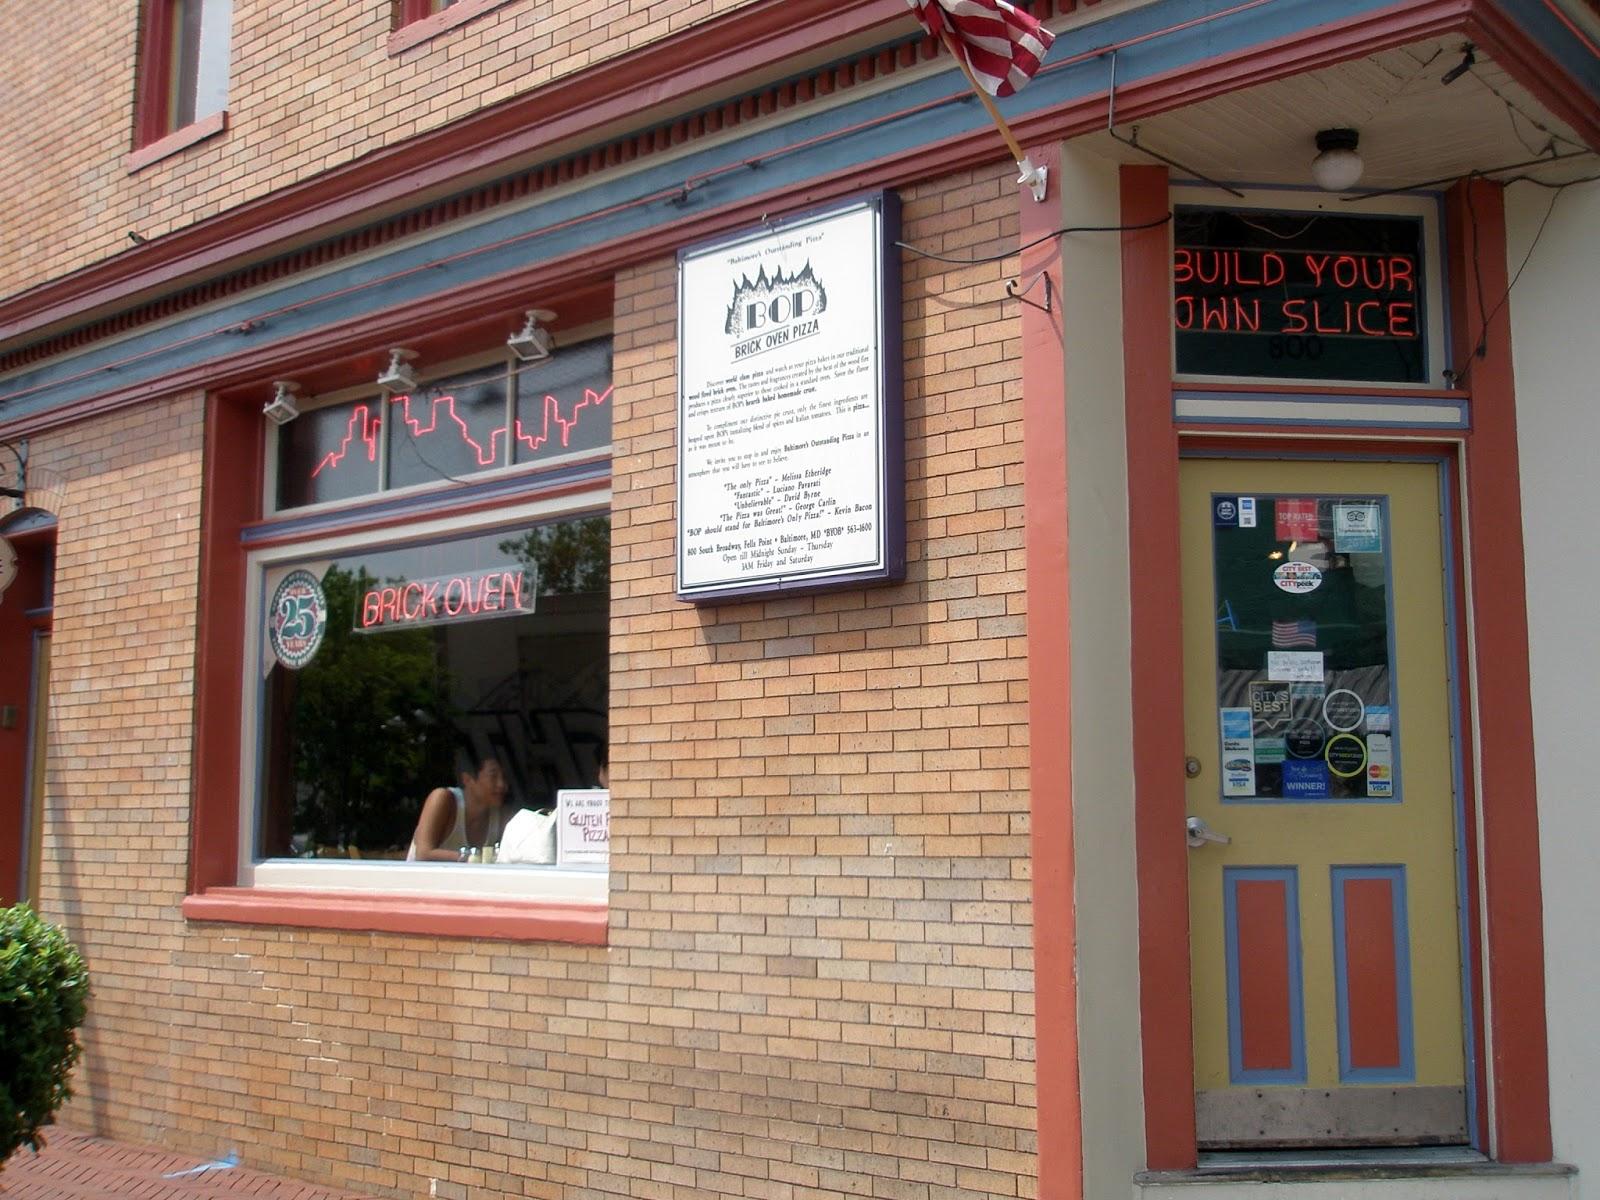 pizza quixote review b o p brick oven pizza baltimore md